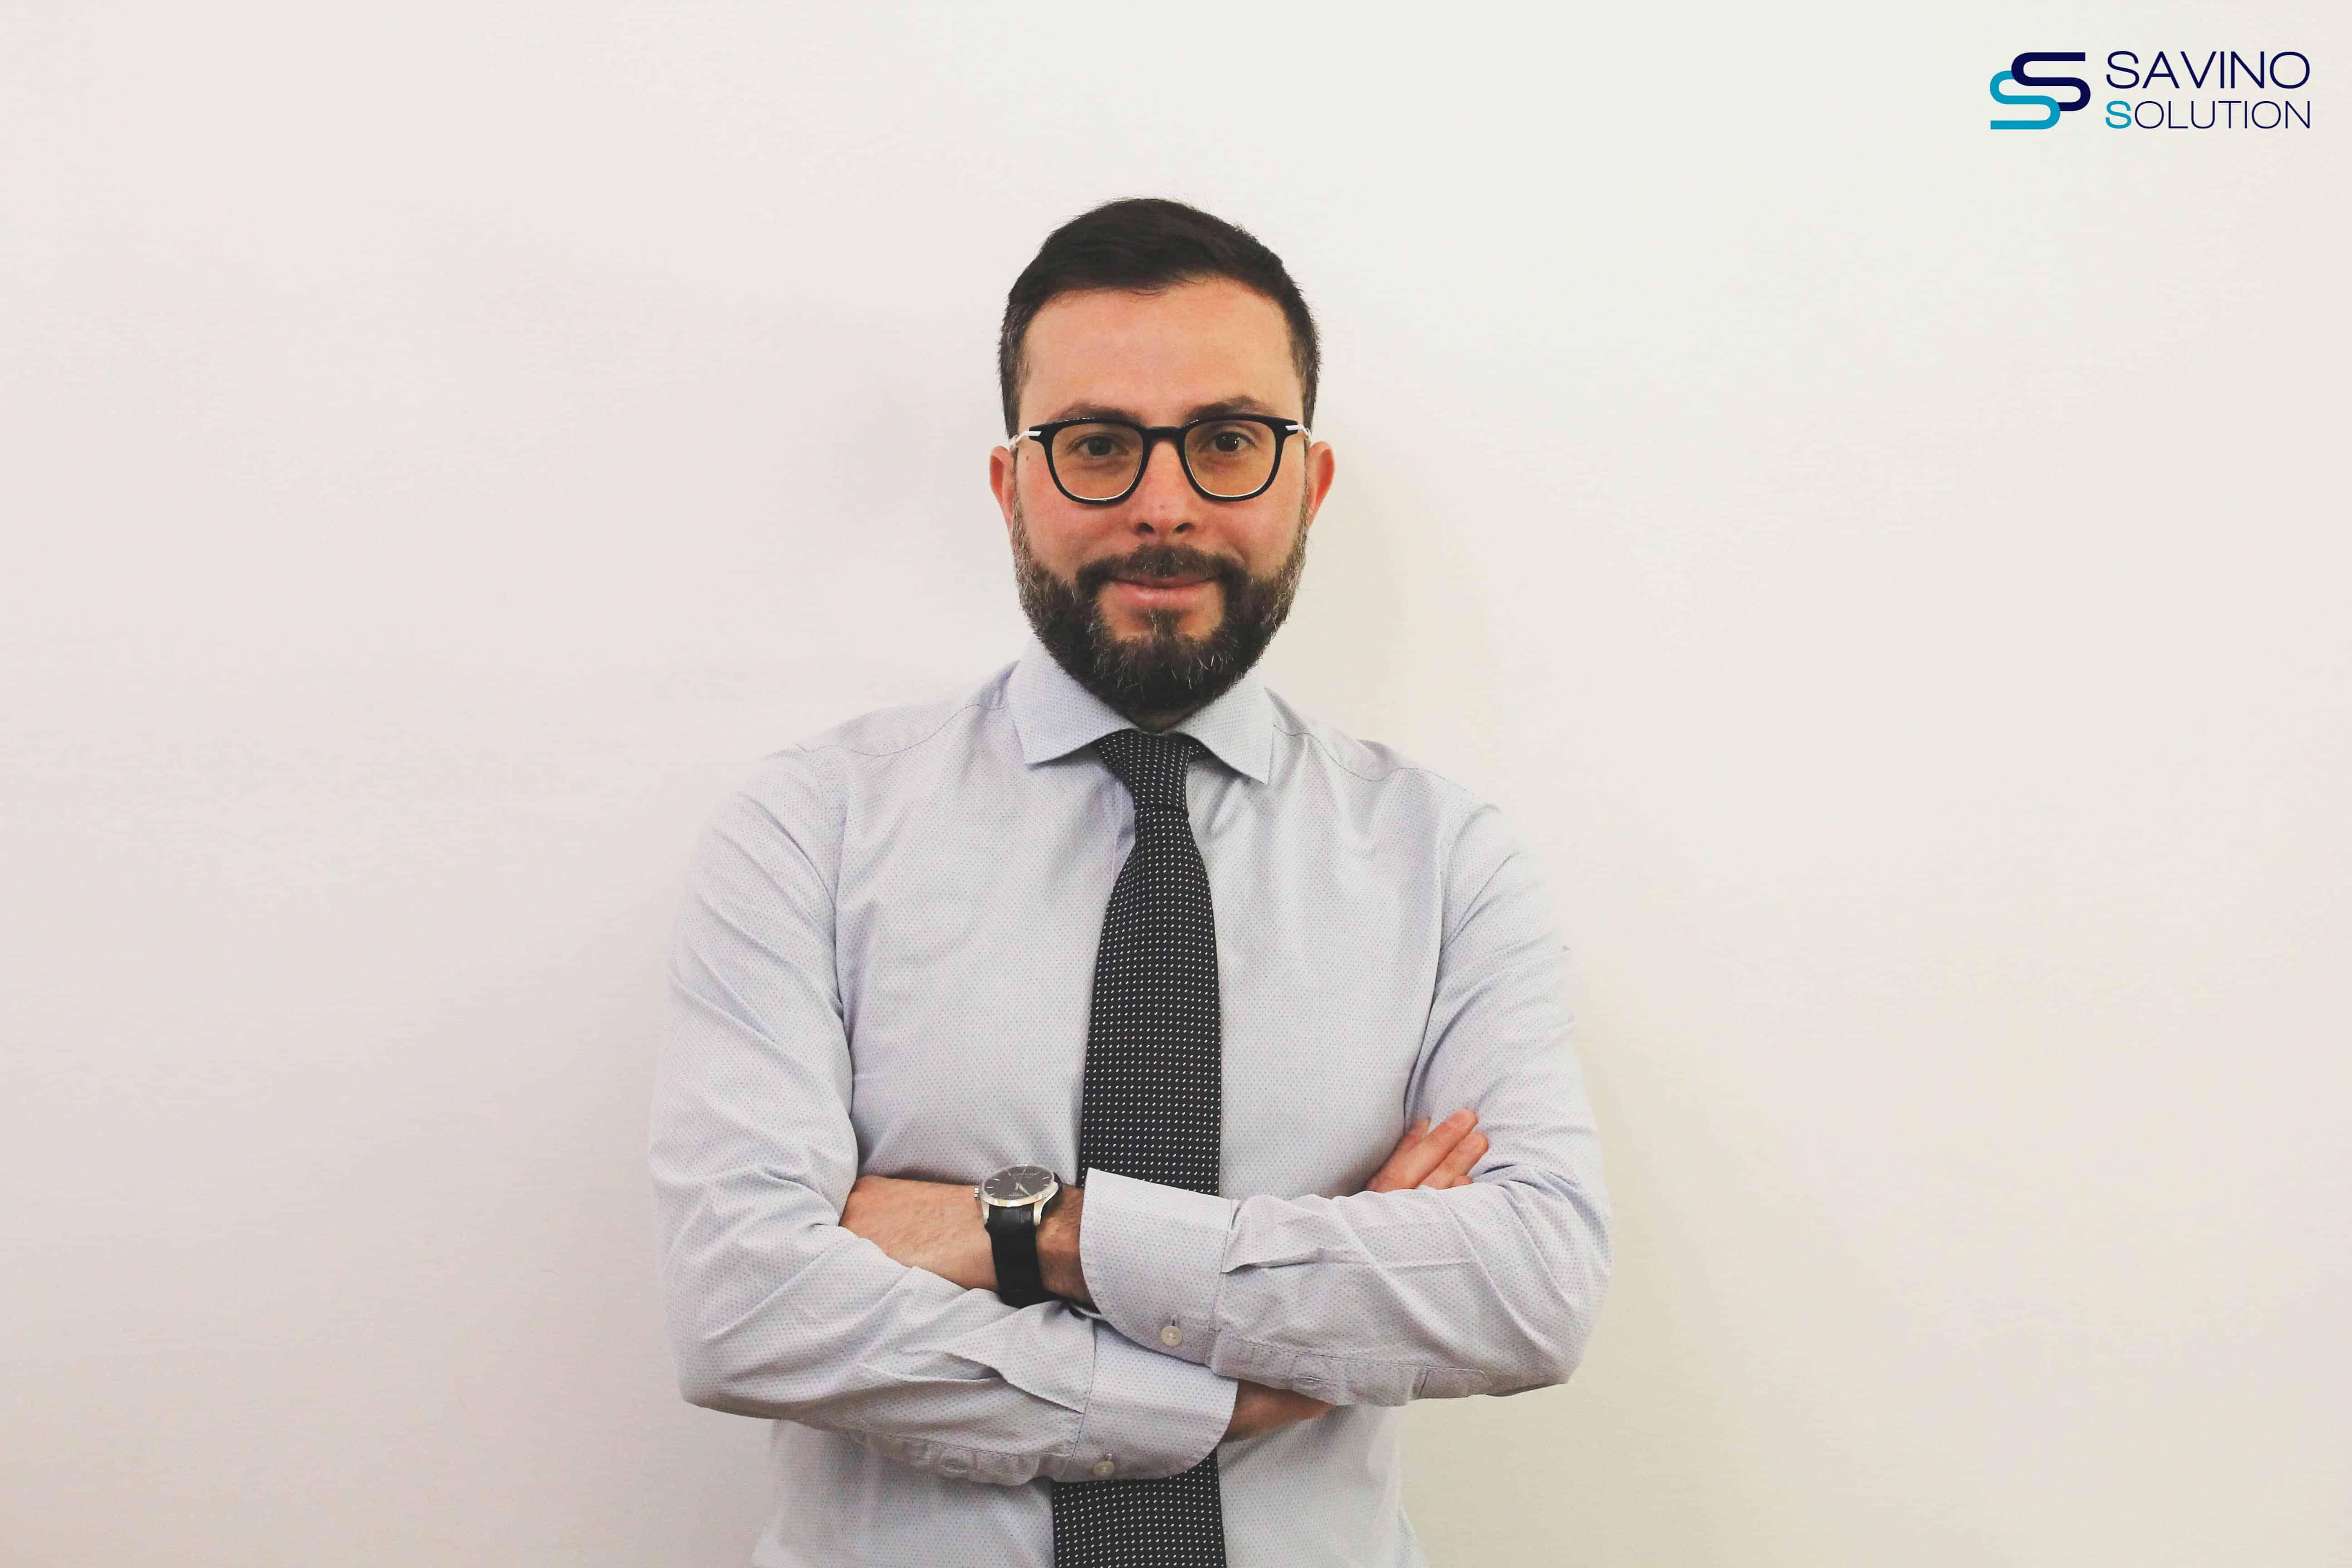 Nicola Savino, Esperto Nazionale Digitalizzazione A Norma dei Processi Aziendali e CEO Savino Solution